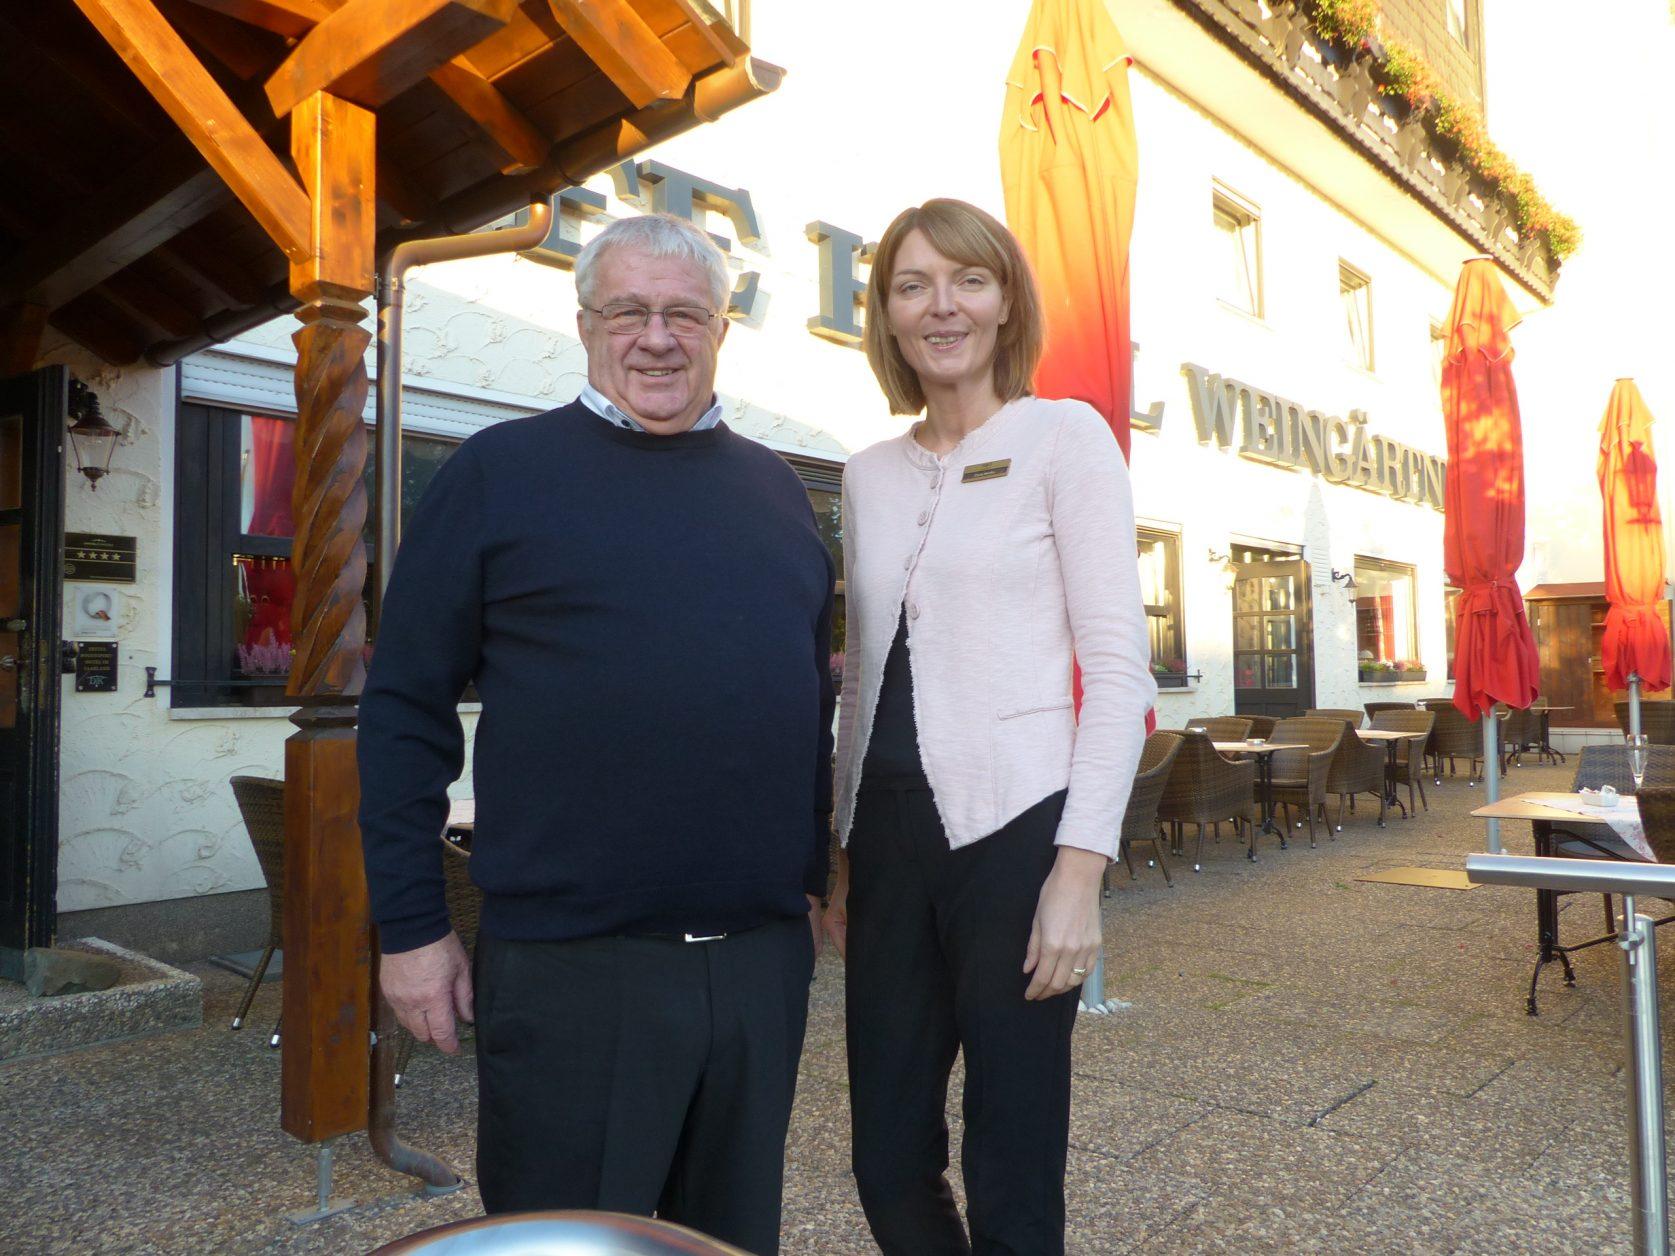 Die Chefs im Victor´s Seehotel Weingärtner am Bostalsee: Gerold Weingärtner und cindy Manfra, Foto. Dieter Weirauch